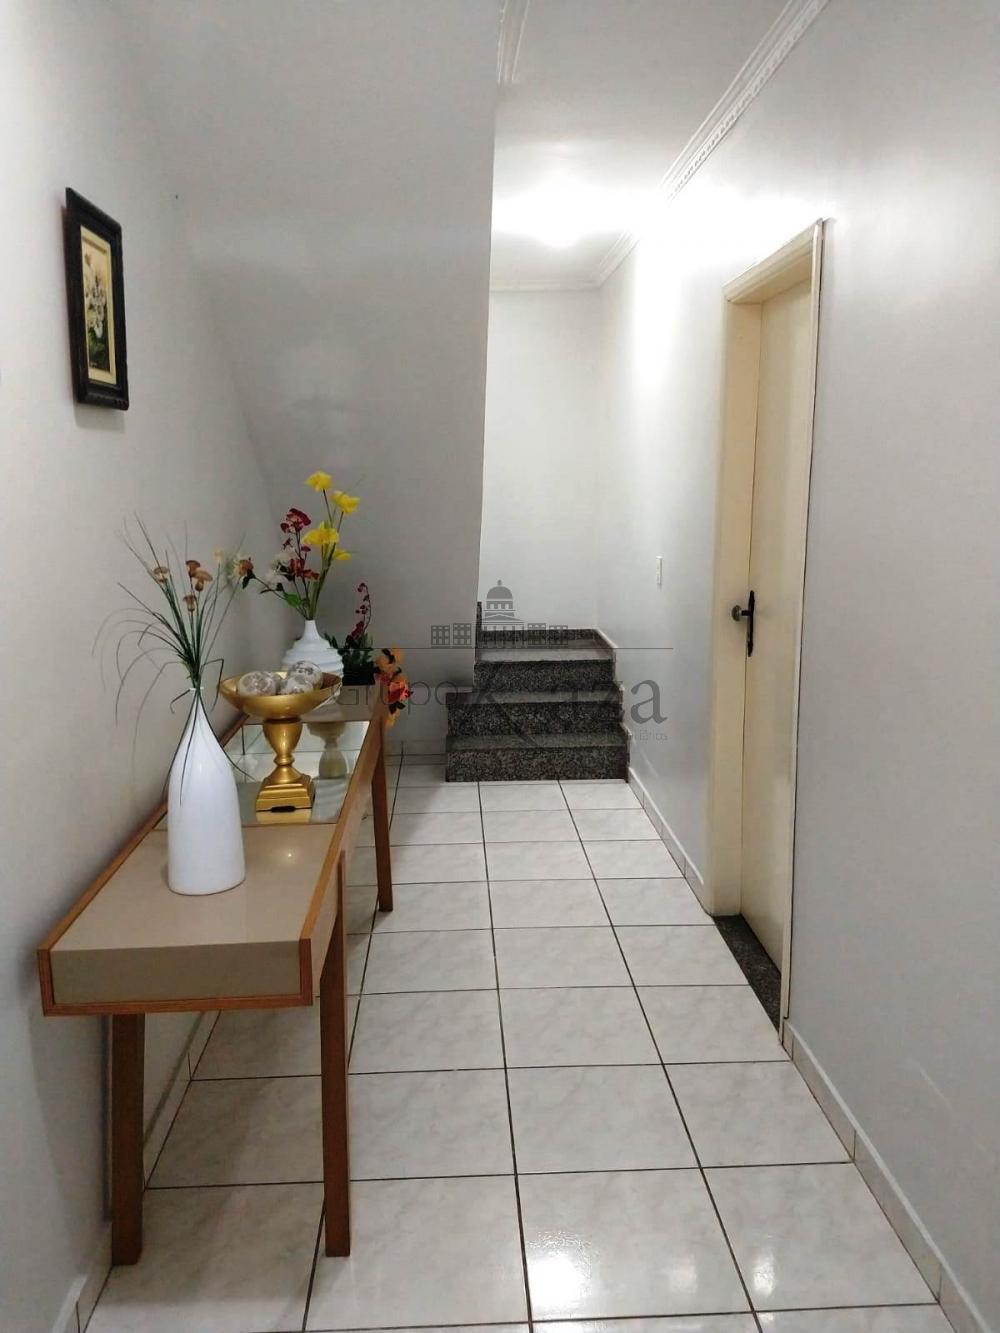 alt='Comprar Casa / Sobrado em São José dos Campos R$ 390.000,00 - Foto 10' title='Comprar Casa / Sobrado em São José dos Campos R$ 390.000,00 - Foto 10'